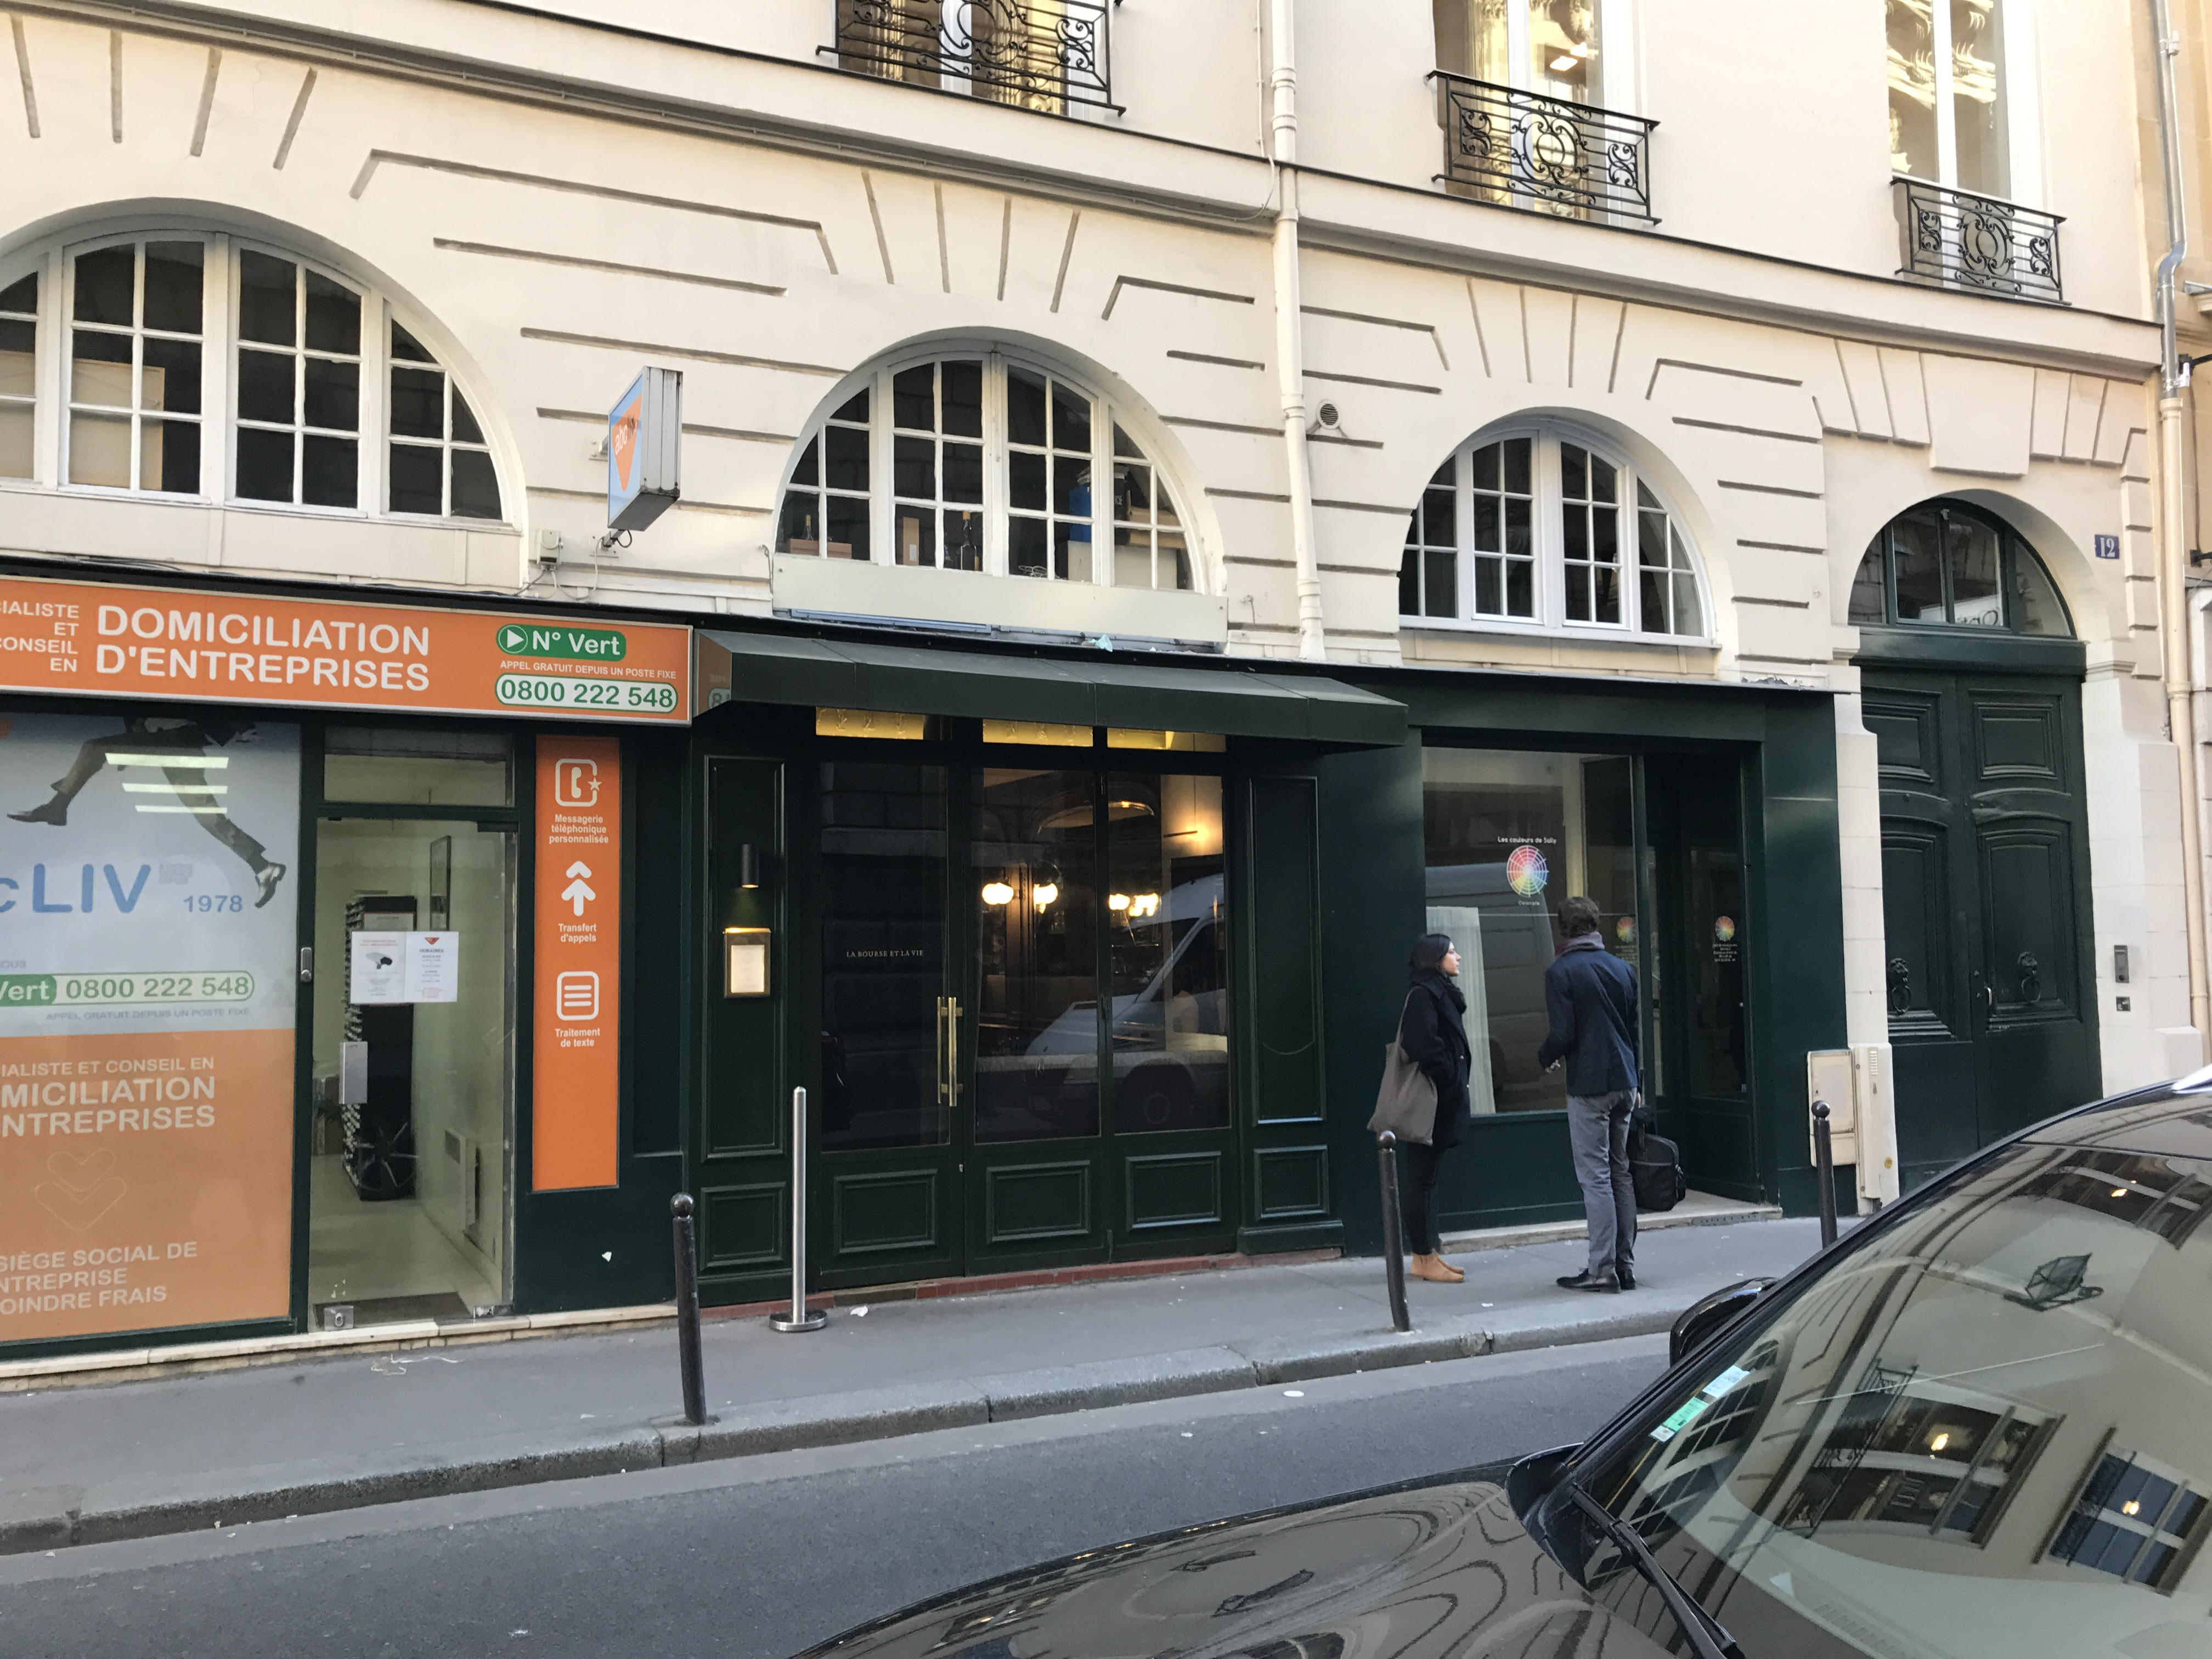 La Poste Le Poiré Sur Vie la bourse et la vie, paris, 11/30/16 - dining with frankie